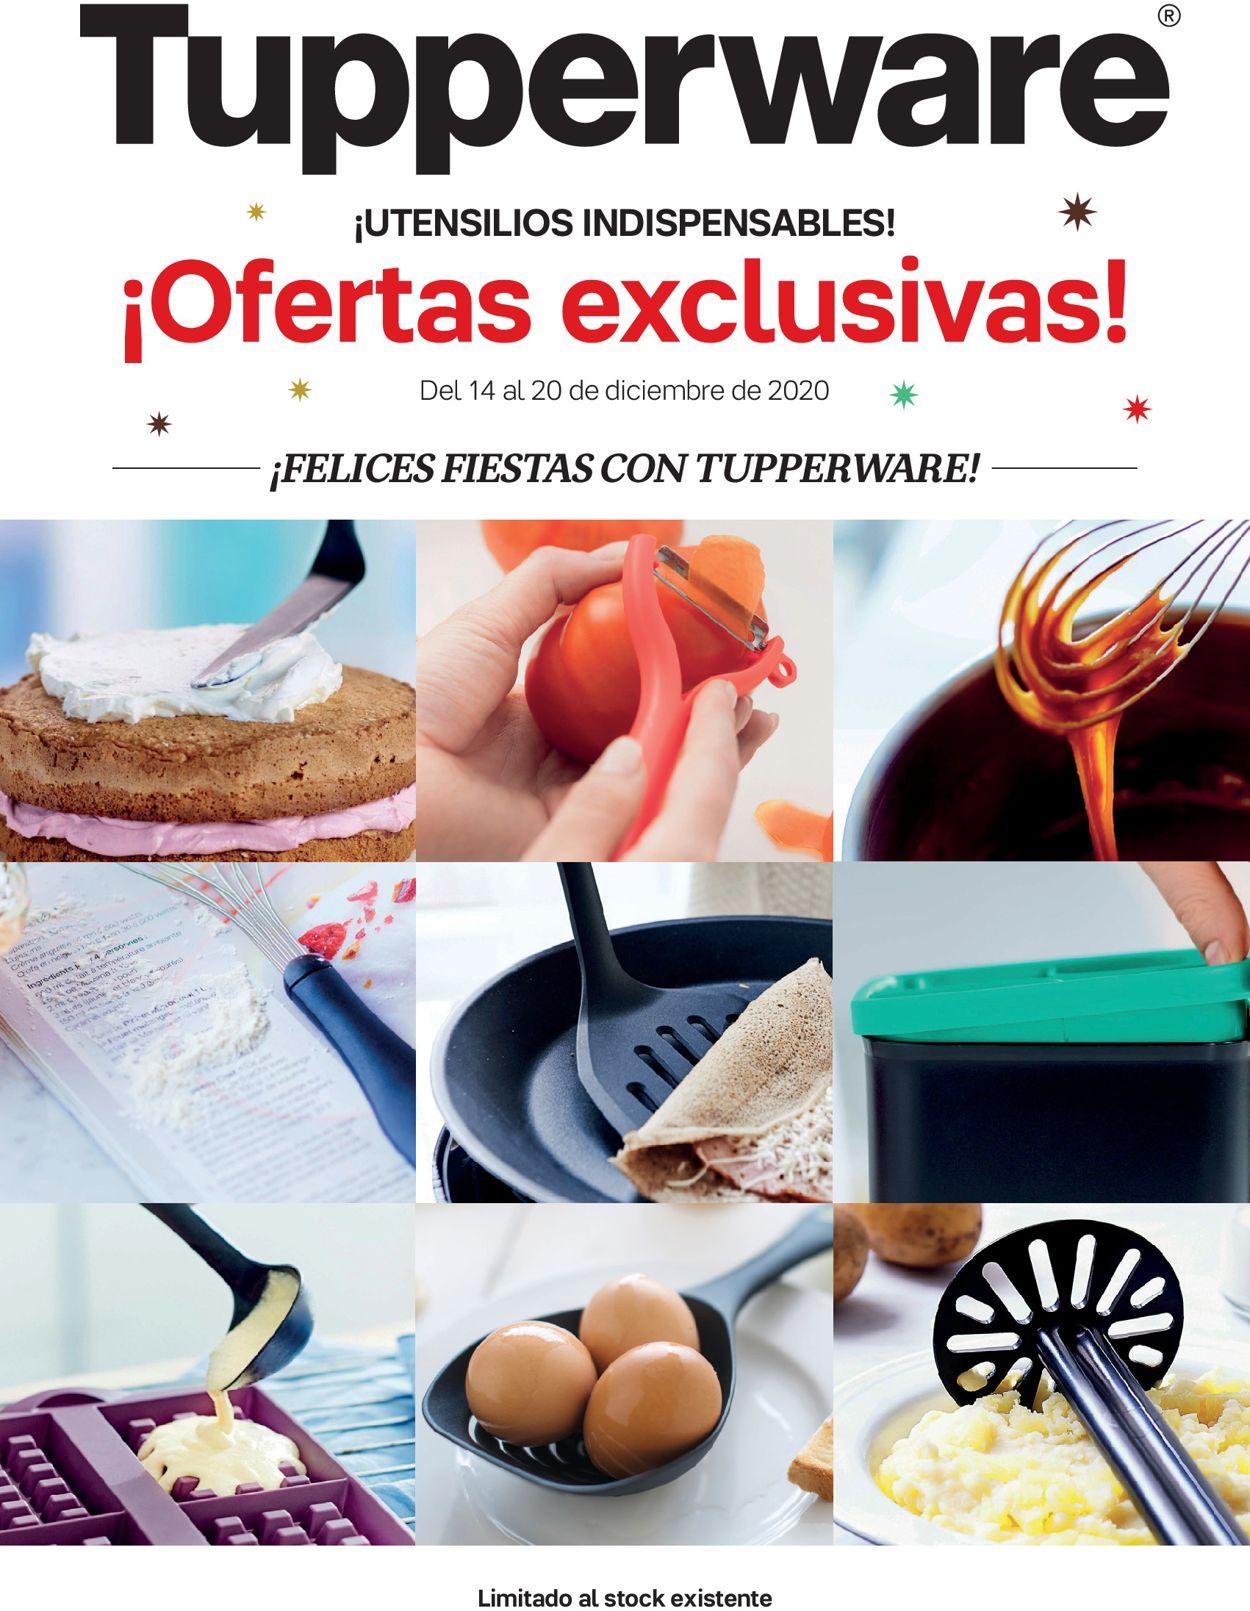 Tupperware Ofertas Exclusivas 2020 Folleto - 14.12-20.12.2020